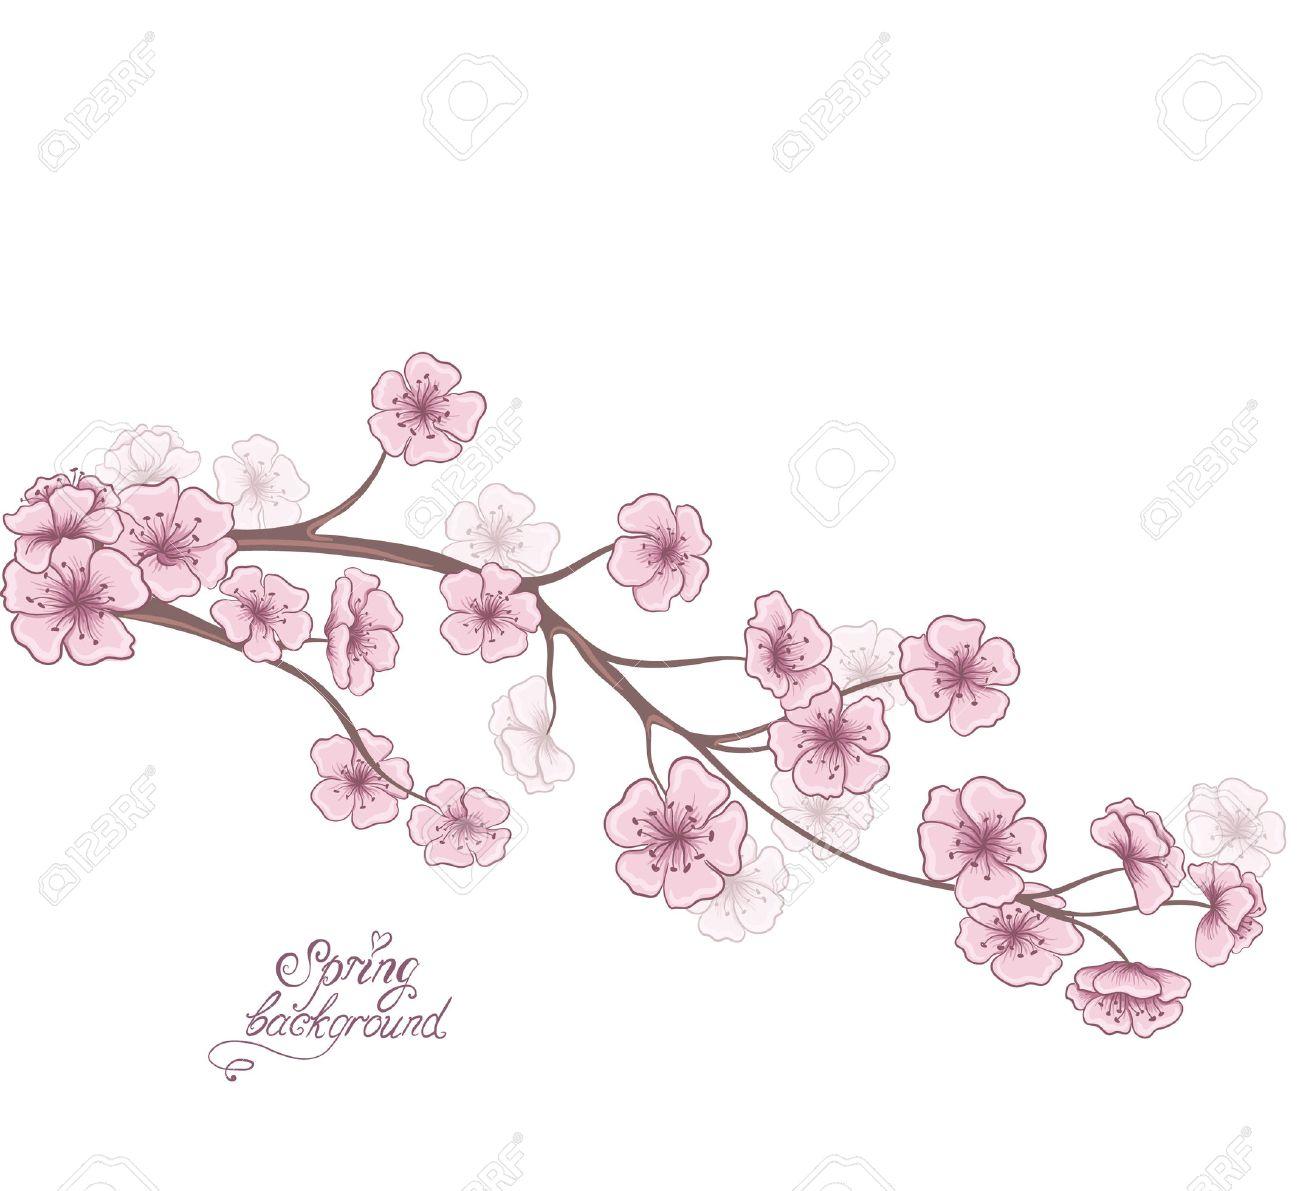 Branche De Cerisier En Fleurs Isole Sur Un Fond Blanc Decoratif Printemps Floraux Dessin A La Main Vector Illustration Clip Art Libres De Droits Vecteurs Et Illustration Image 26068149